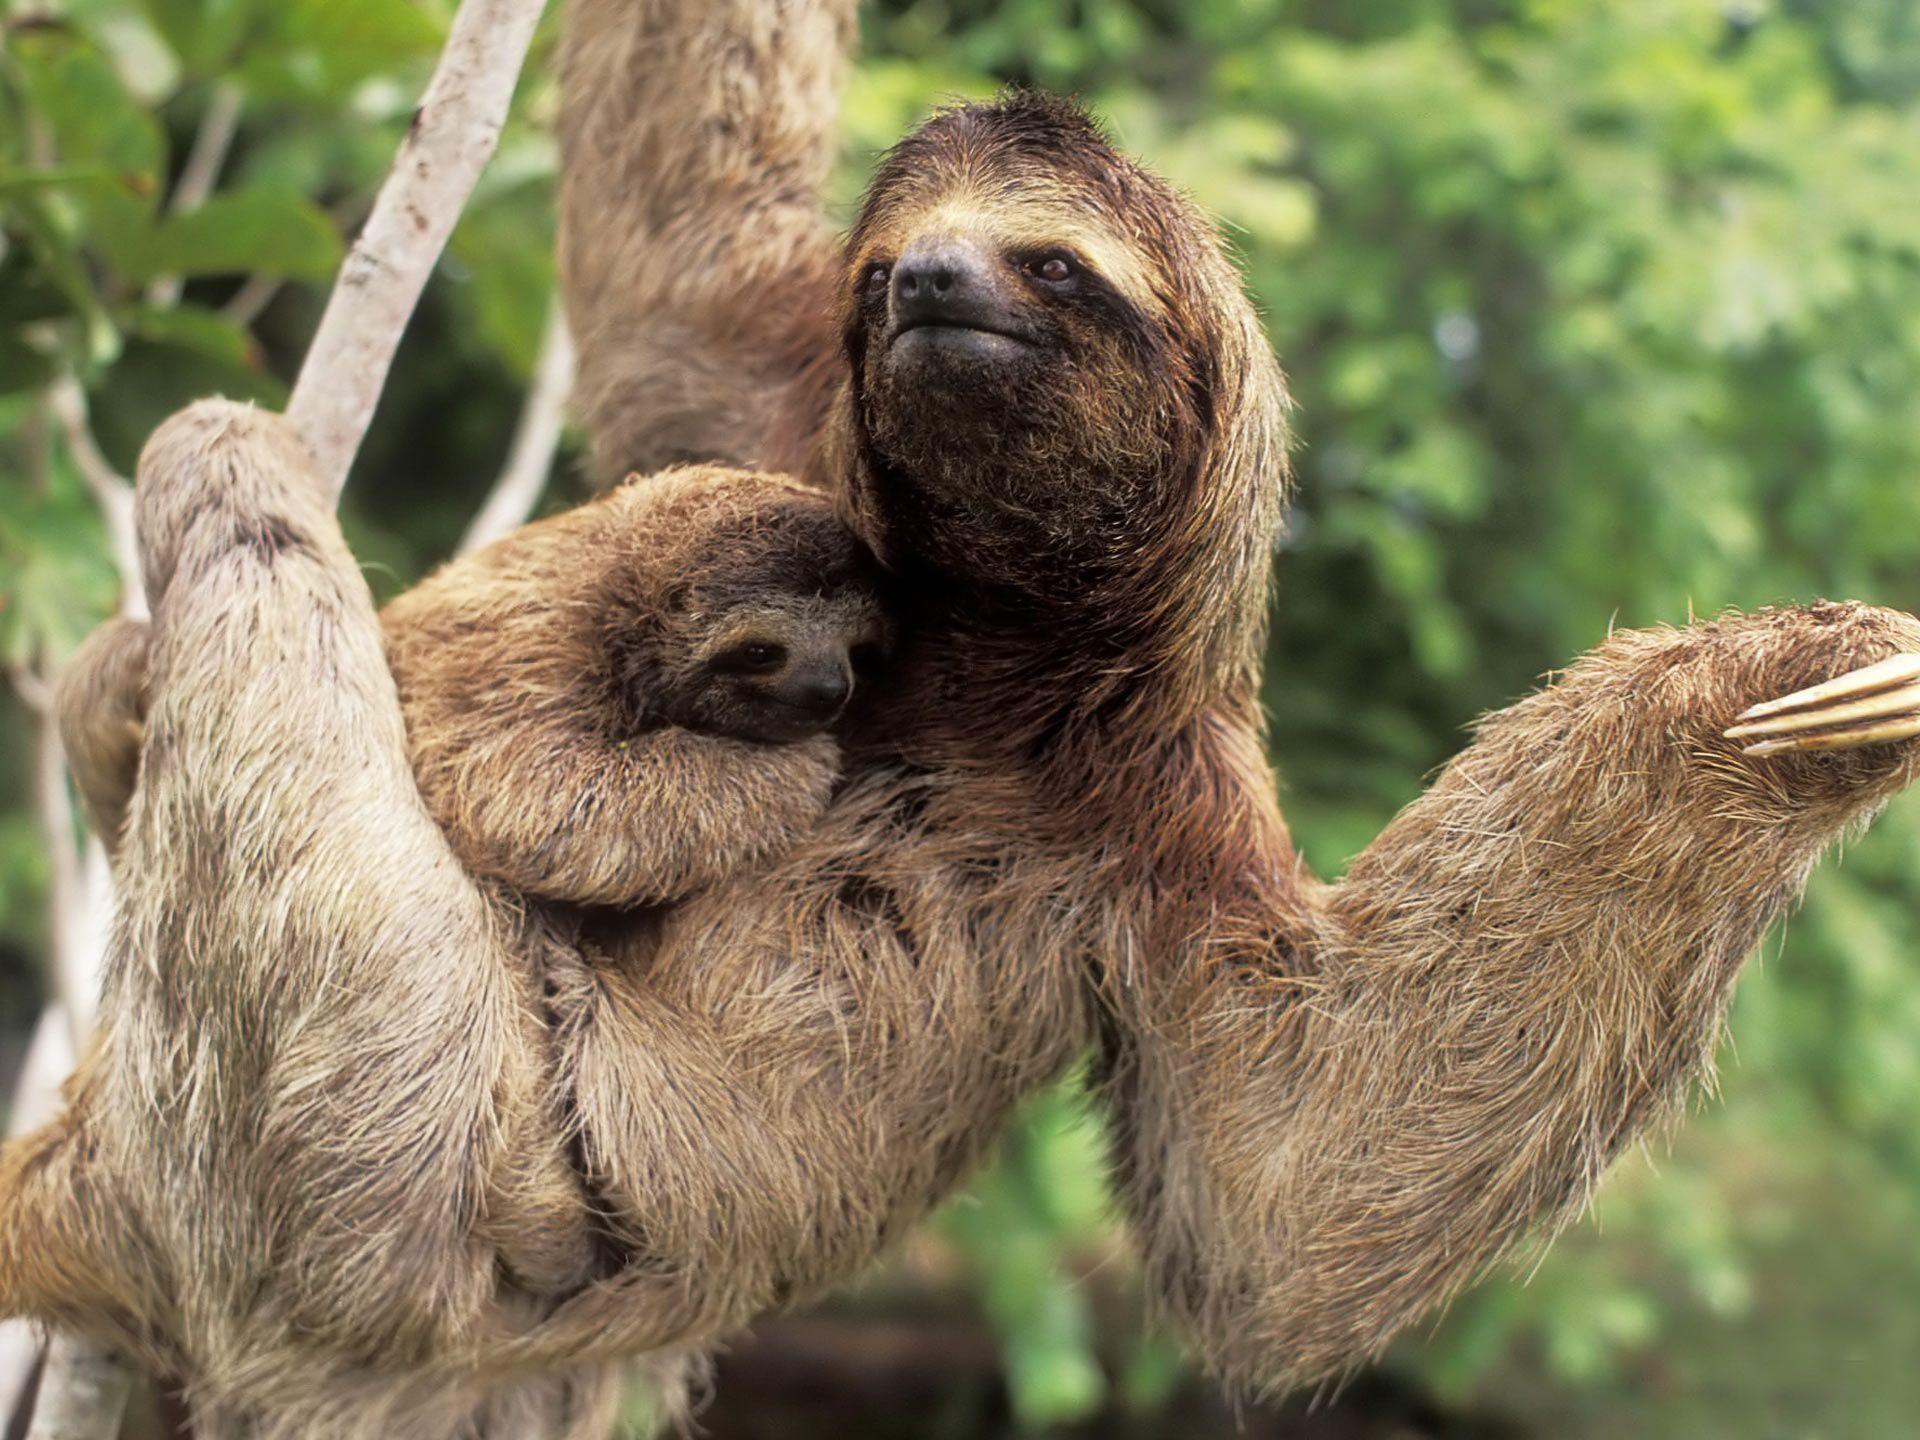 Funny Sloth Wallpaper – WallpaperSafari